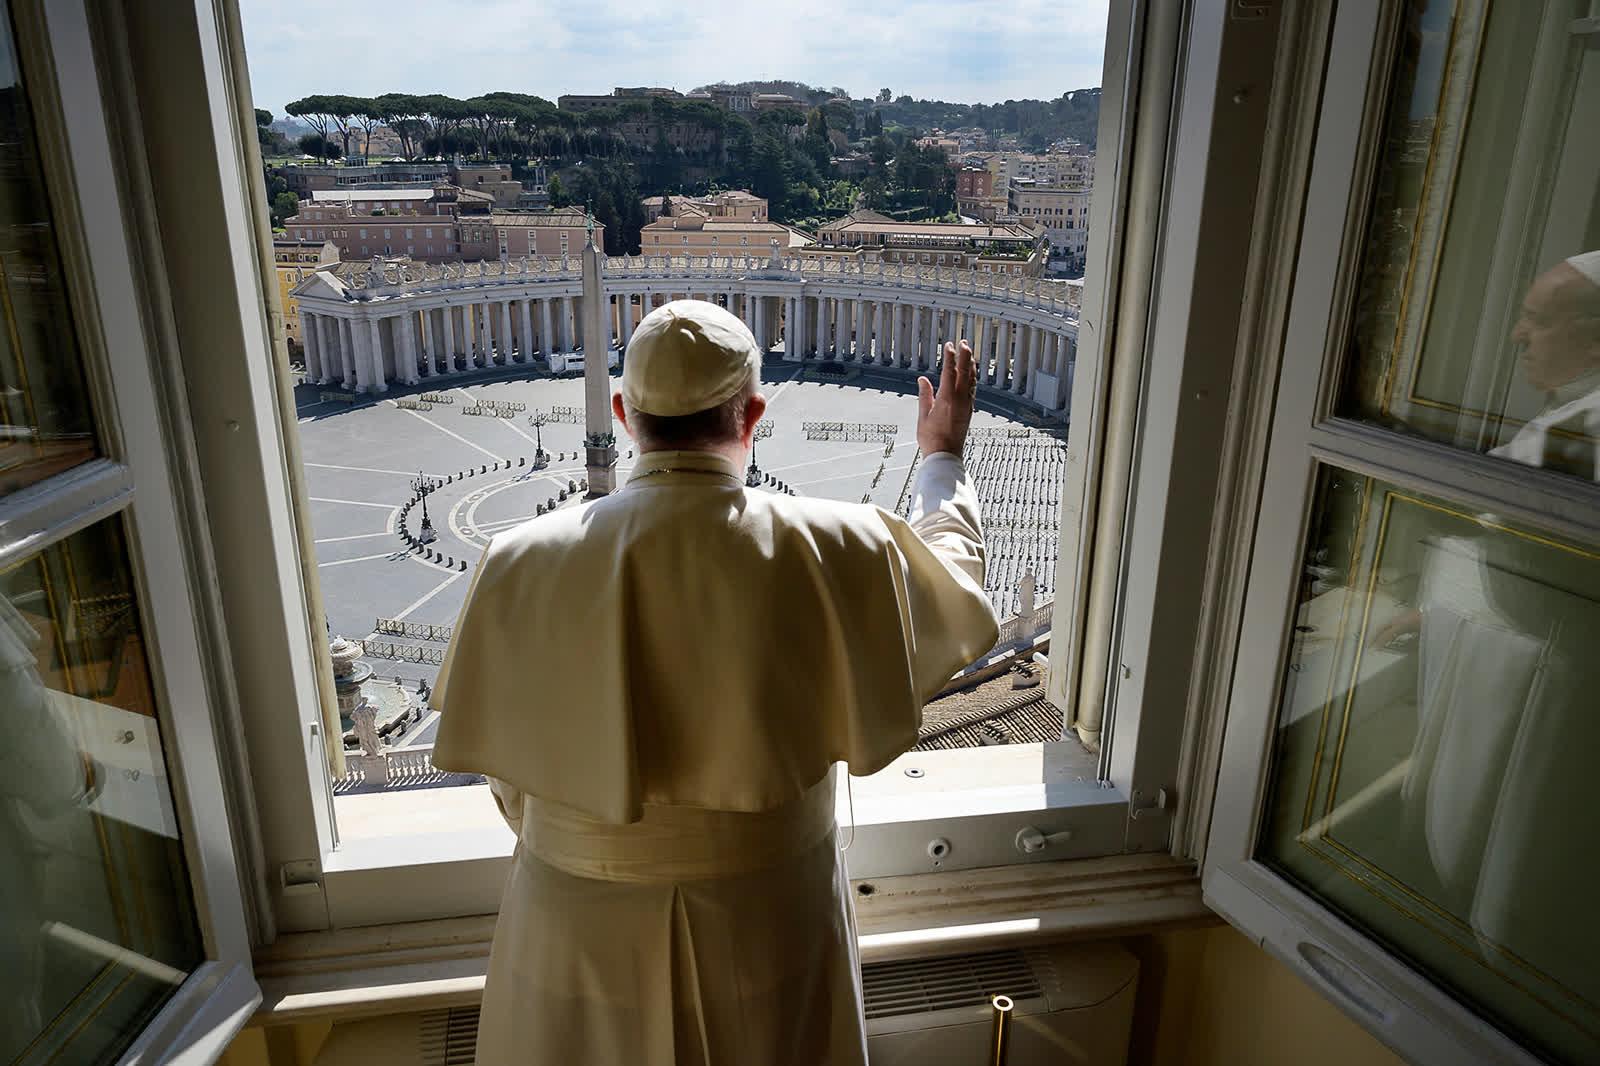 3 дугаар сарын 15: Ватикан дах хоосон Гэгээн Петрийн талбай. Коронавирусний халдварын дэгдэлтээс шалтгаалан Ромын Пап Гэгээн хутагт Францис хоосон, эл хуль талбай руу гараараа даллан адислалаа хүргэж байна. Учир нь энэ үед олон улс оронд бүх нийтийн хөл хорио тогтоосон цаг үе байв. /Photo by Vatican News/